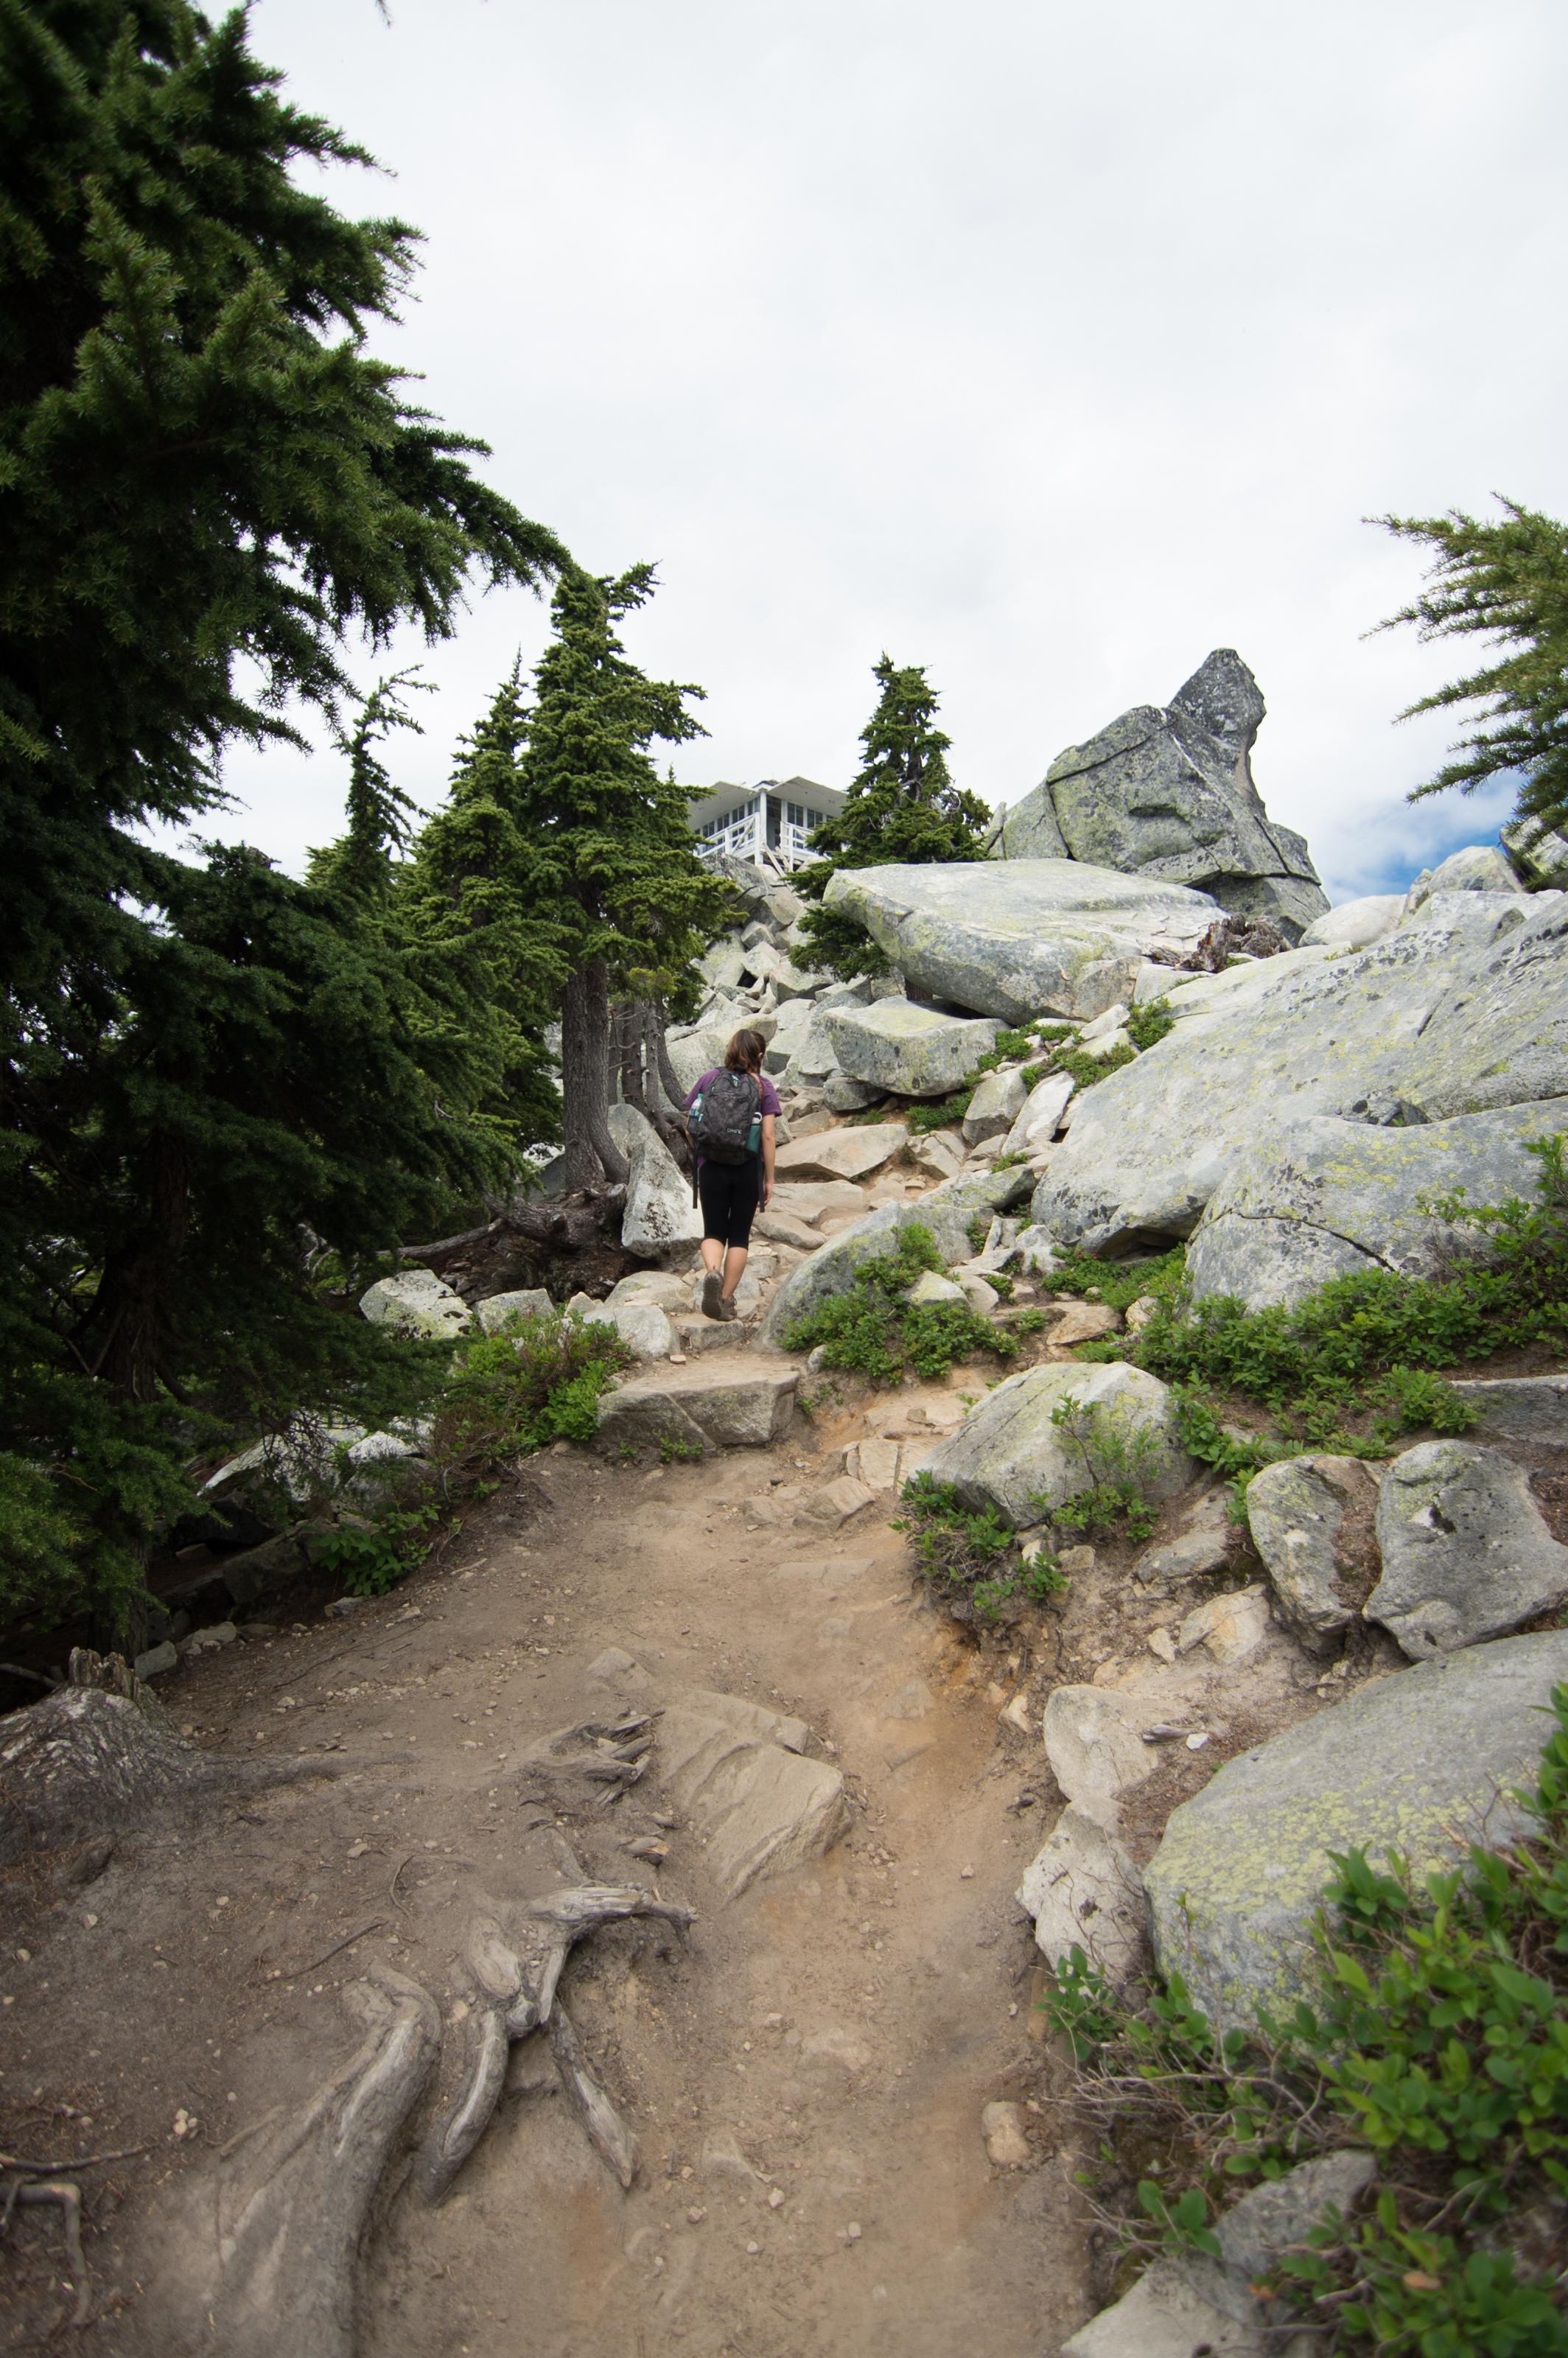 Mount_Pilchuck-31.jpg